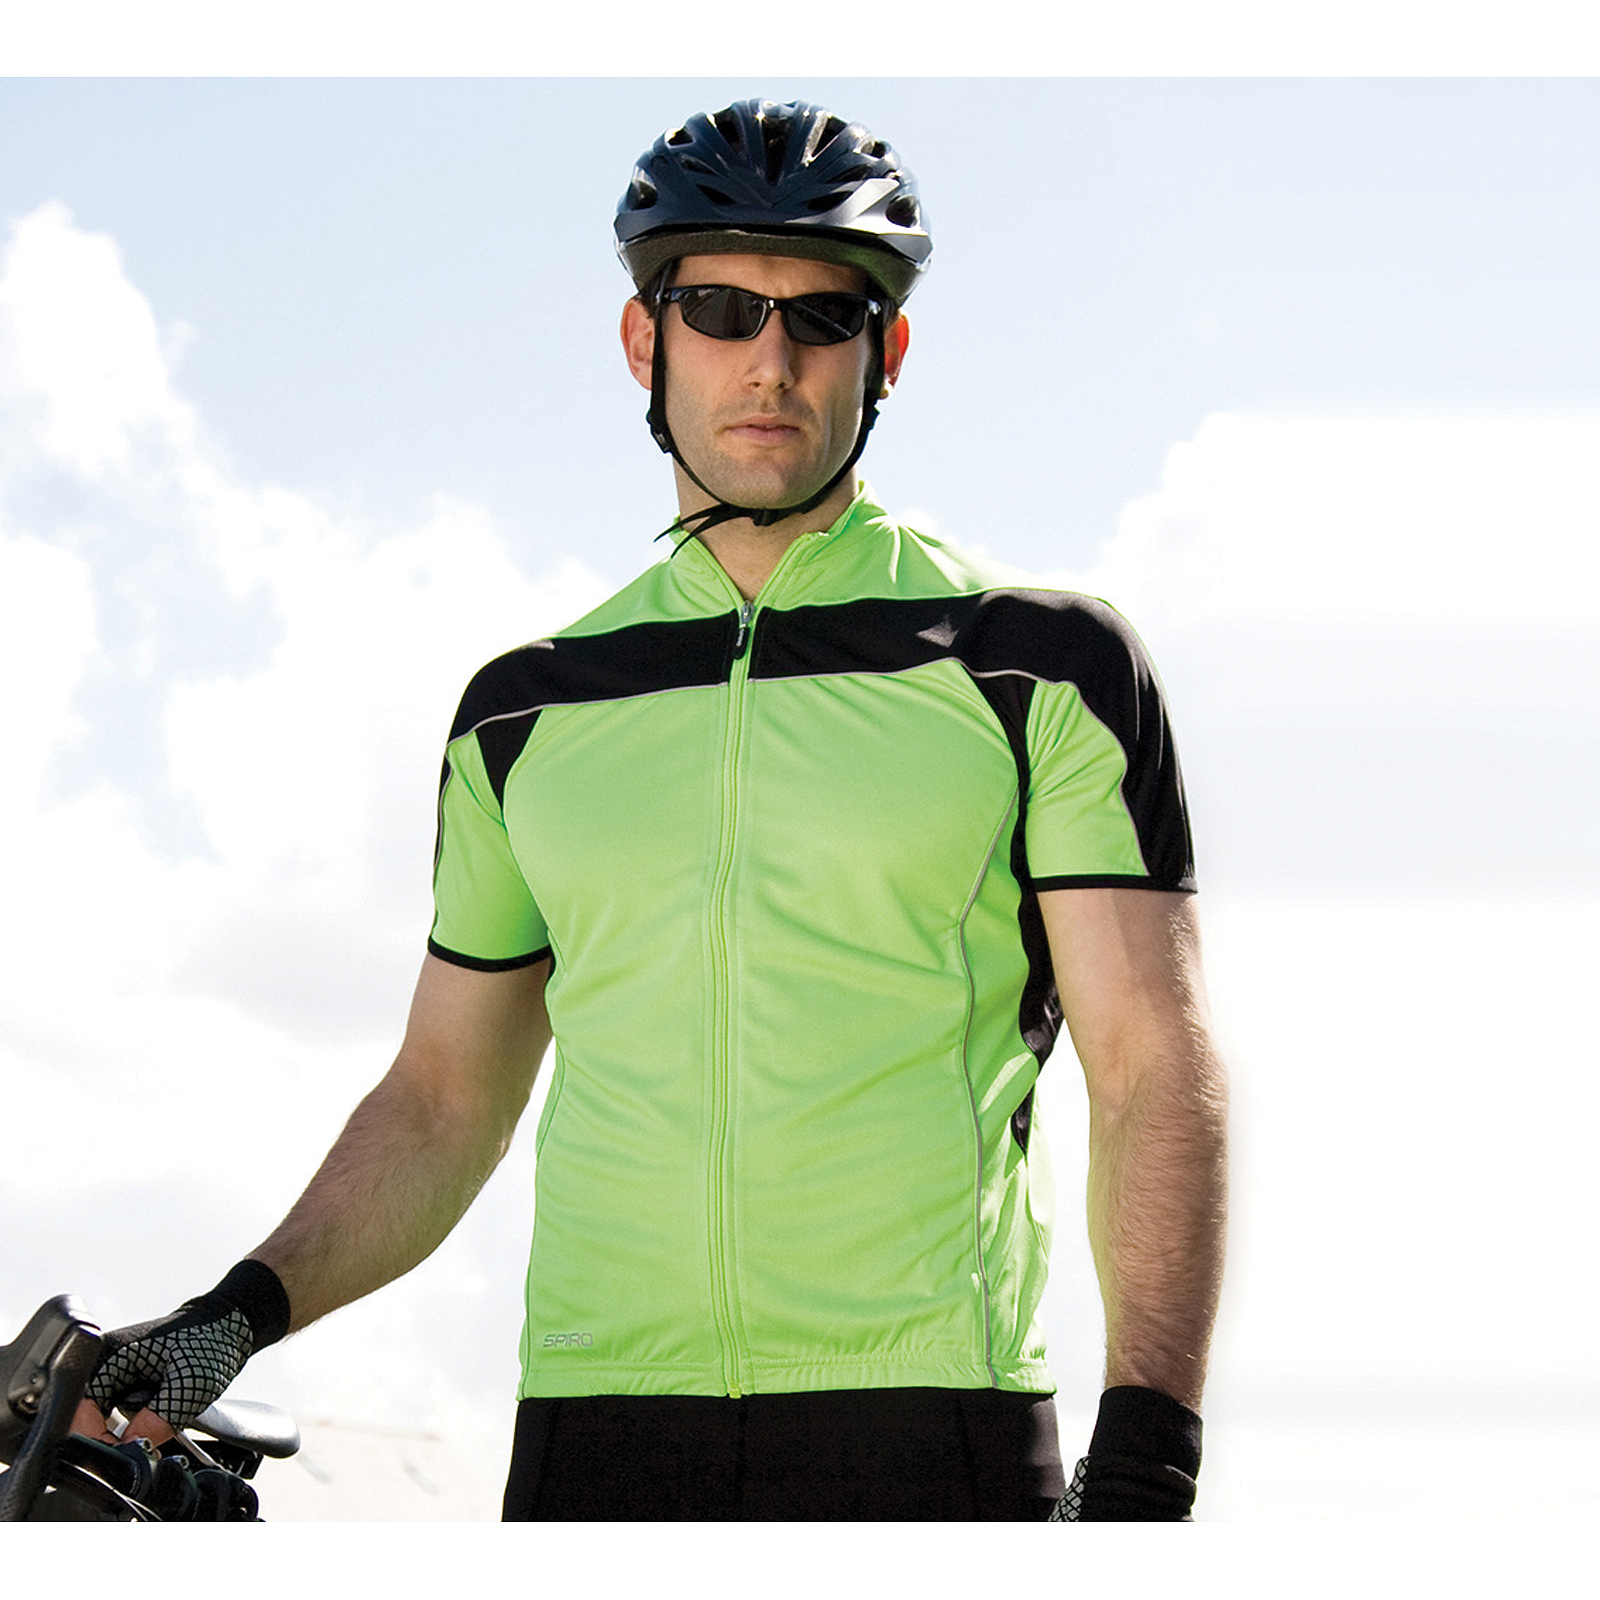 Spiro Hommes/'s Bikewear à manches longues performance-Top de sport-taille S à 2XL